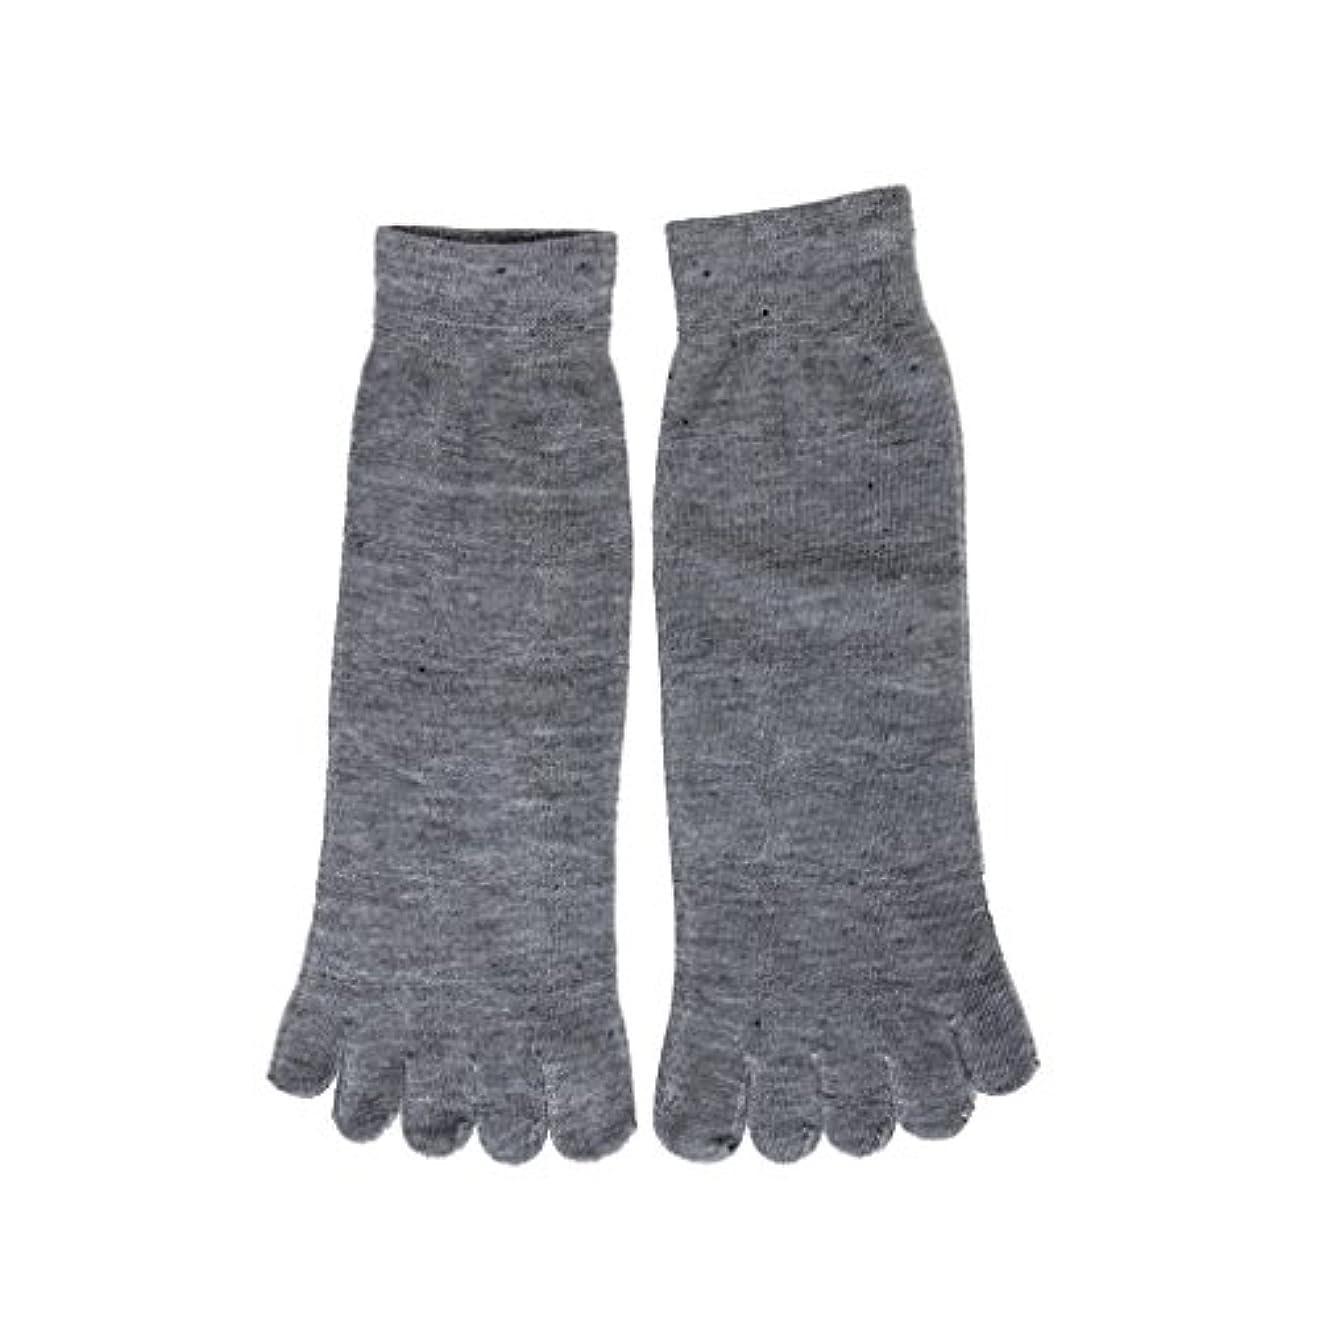 舗装ほのか息苦しい【Footful】ソックス 靴下 くつ下 五本指ソックス サポートソックス 全4色 (ライトグレー)